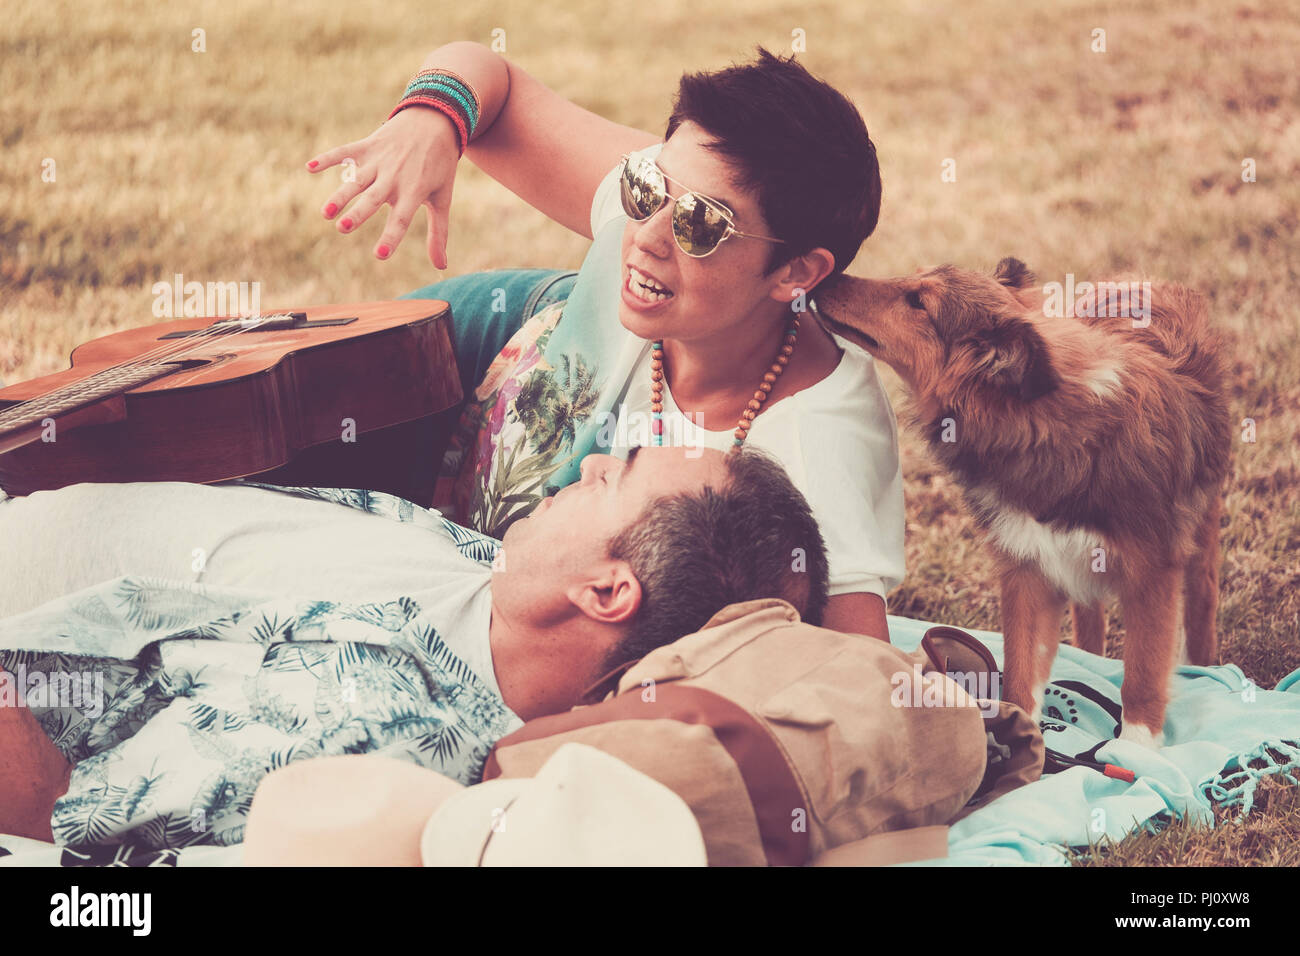 Vintage romántica escena con hermosa joven mujer y hombre acostarse sobre la hierba disfrutando del día. Poco animal joven shetland el beso de una pacífica hippy. Imagen De Stock